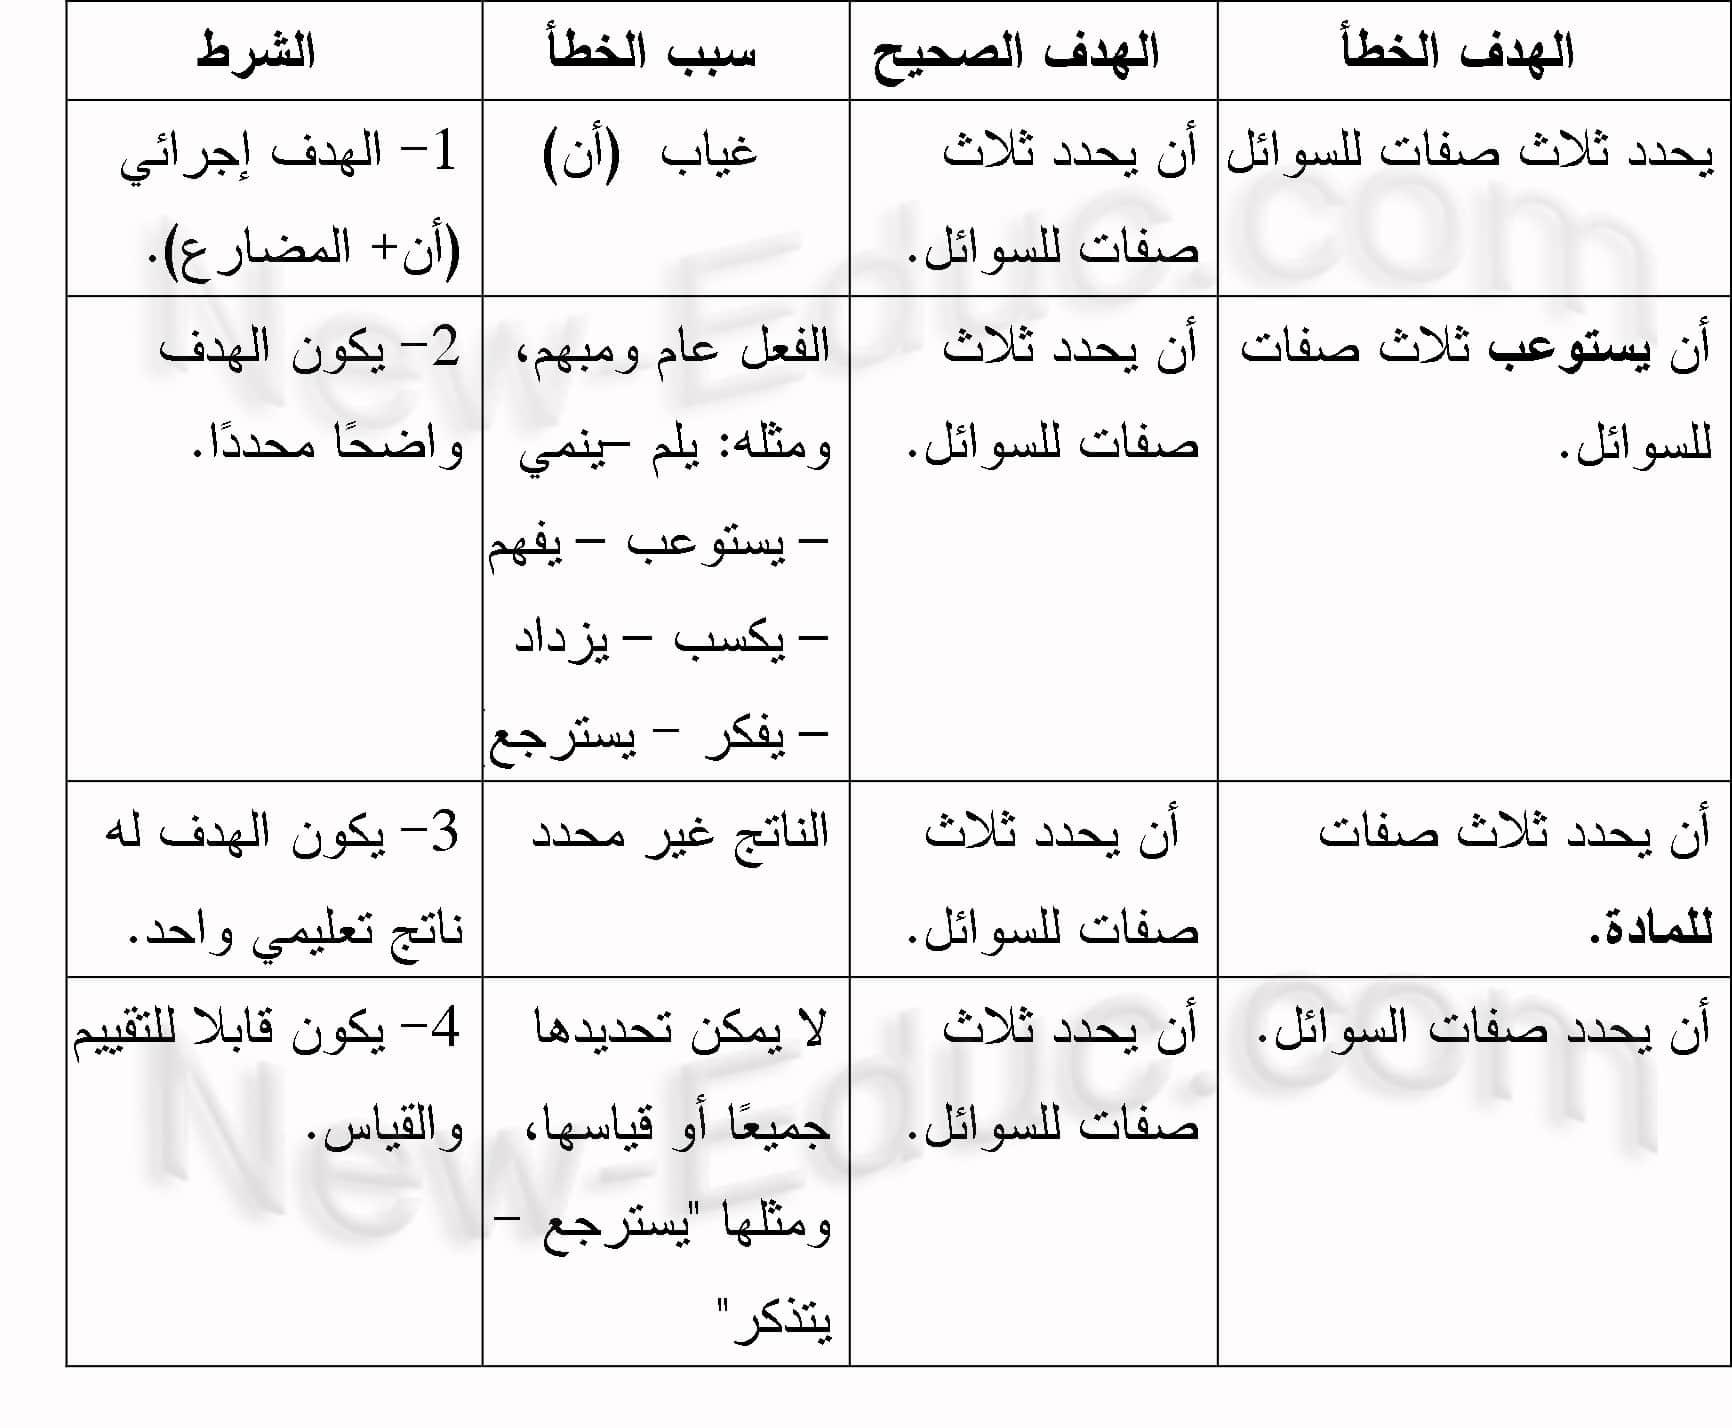 jadwal  ahdaf